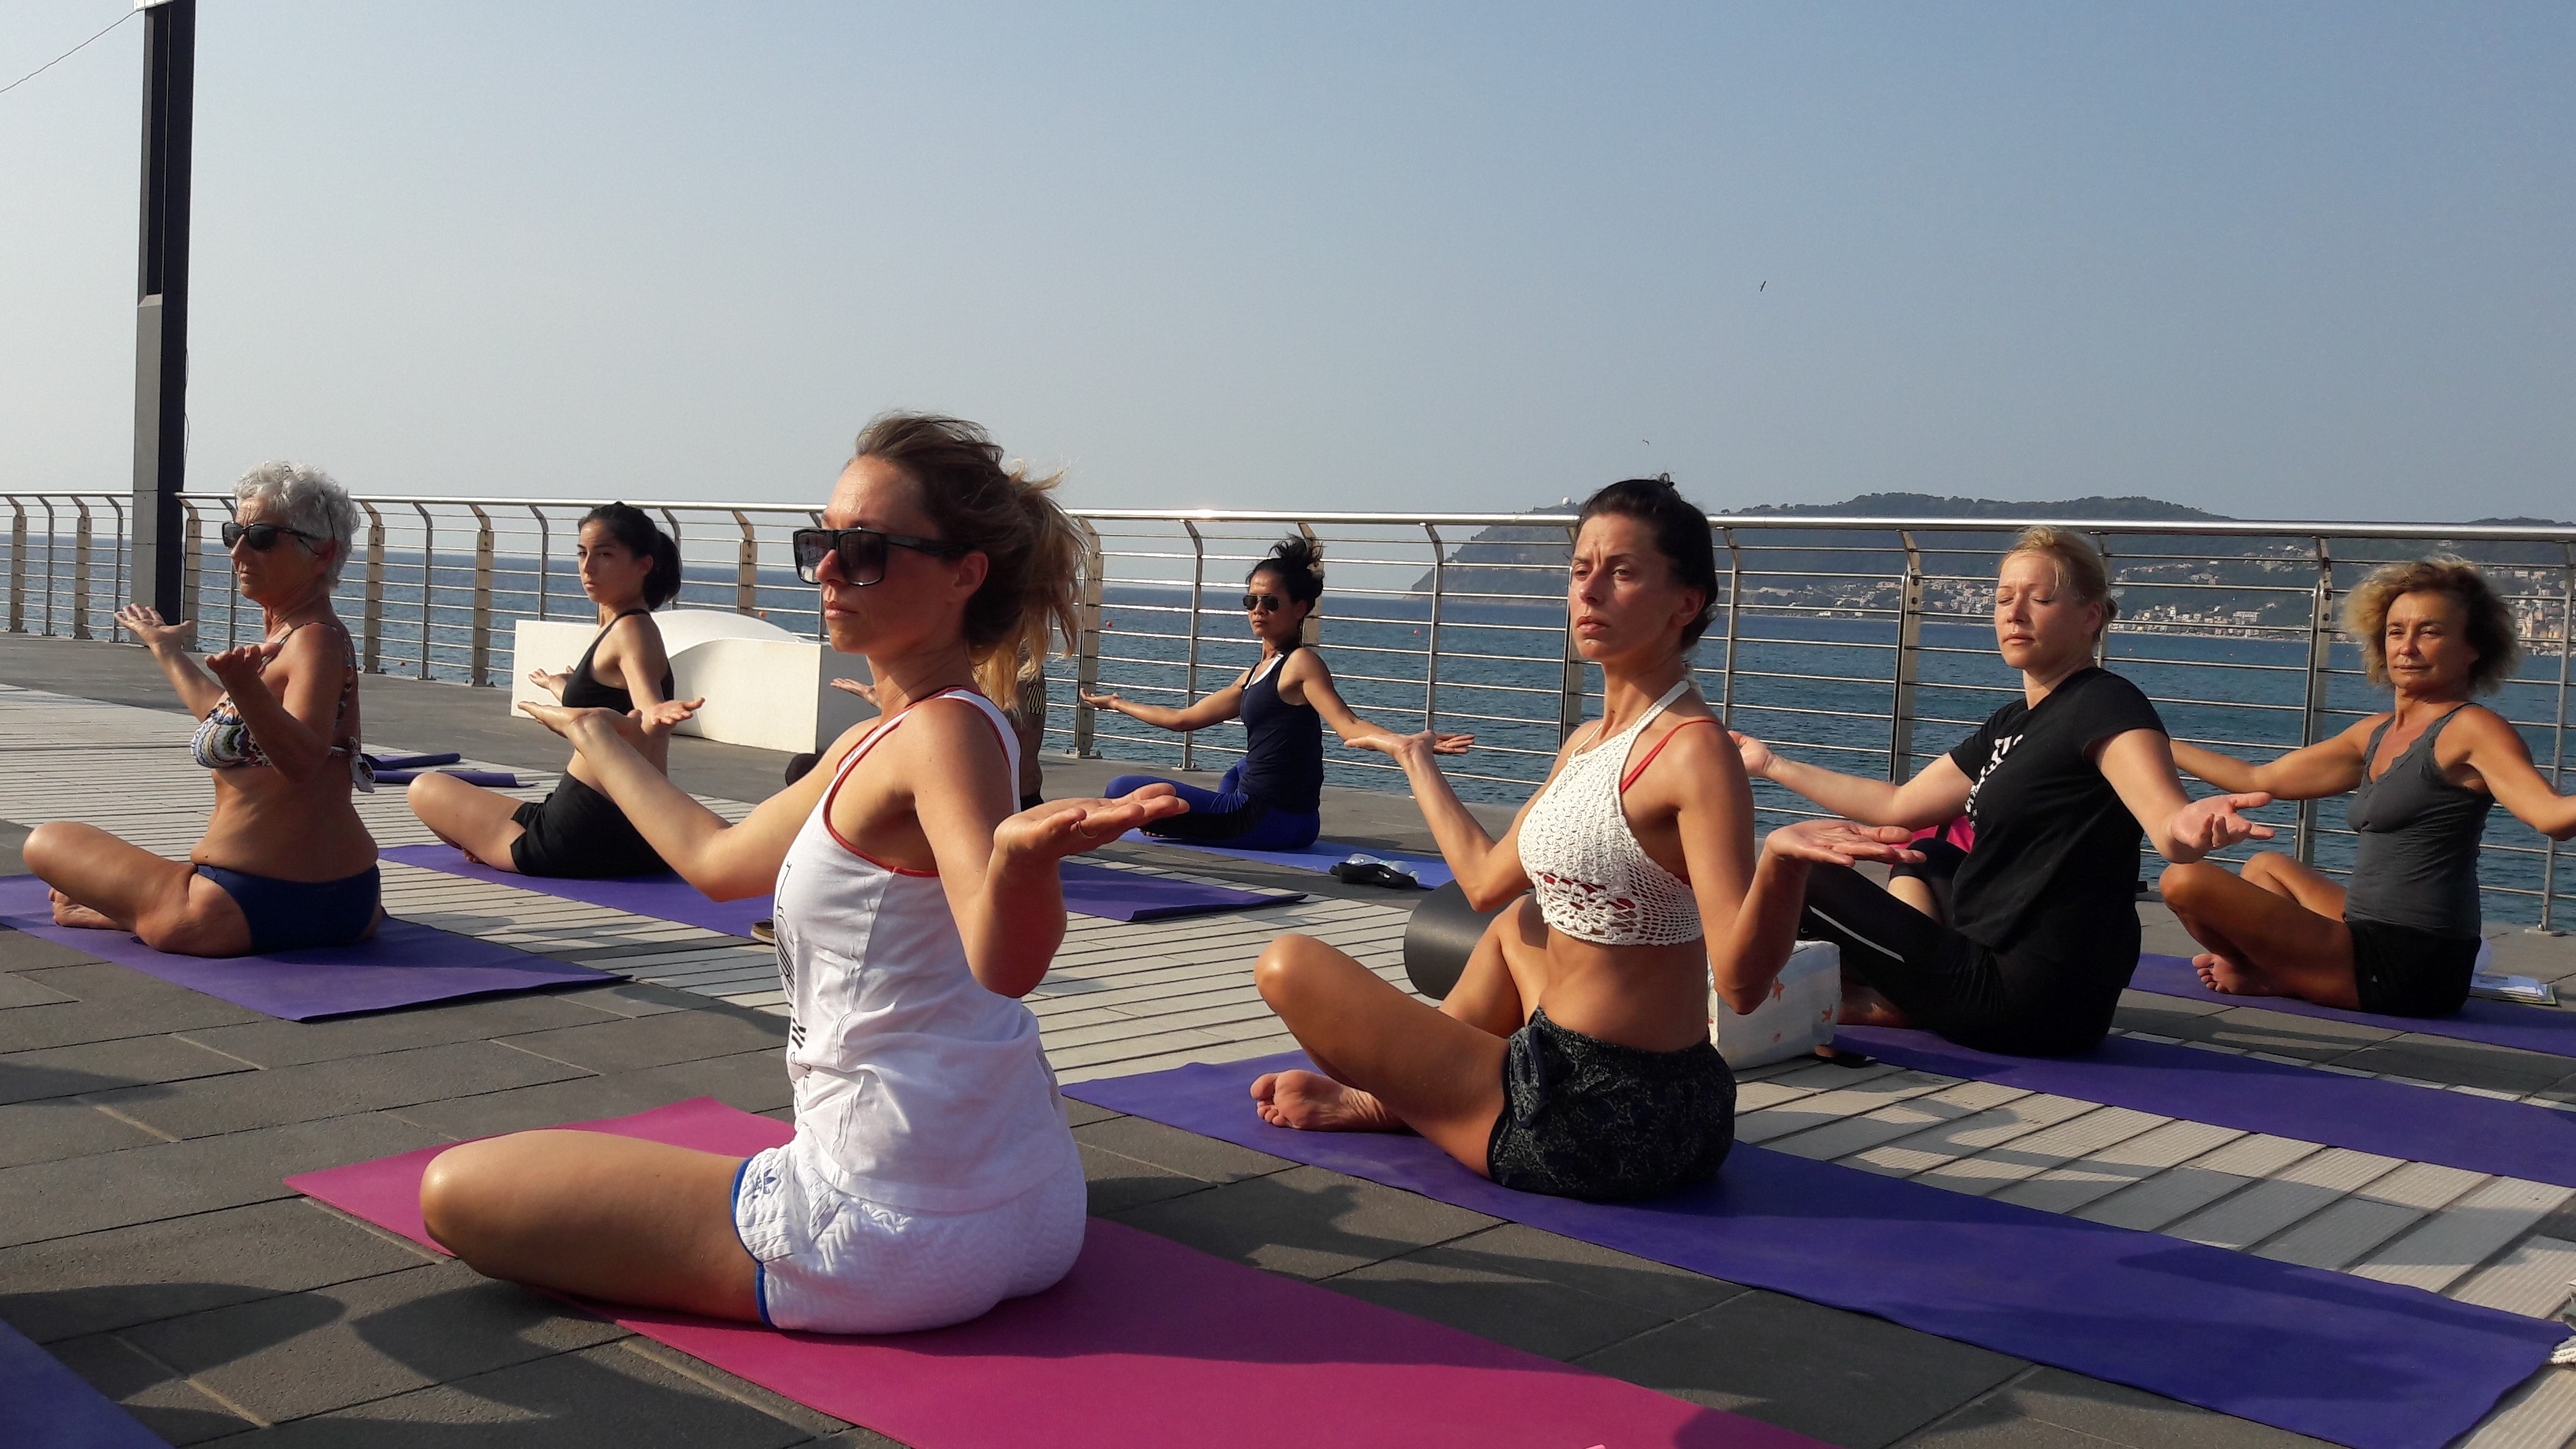 essere-free-yoga-gratuito-benessere-per-tutti-village-citta-alassio-estate-lucia-ragazzi-summer-town-wellness-036